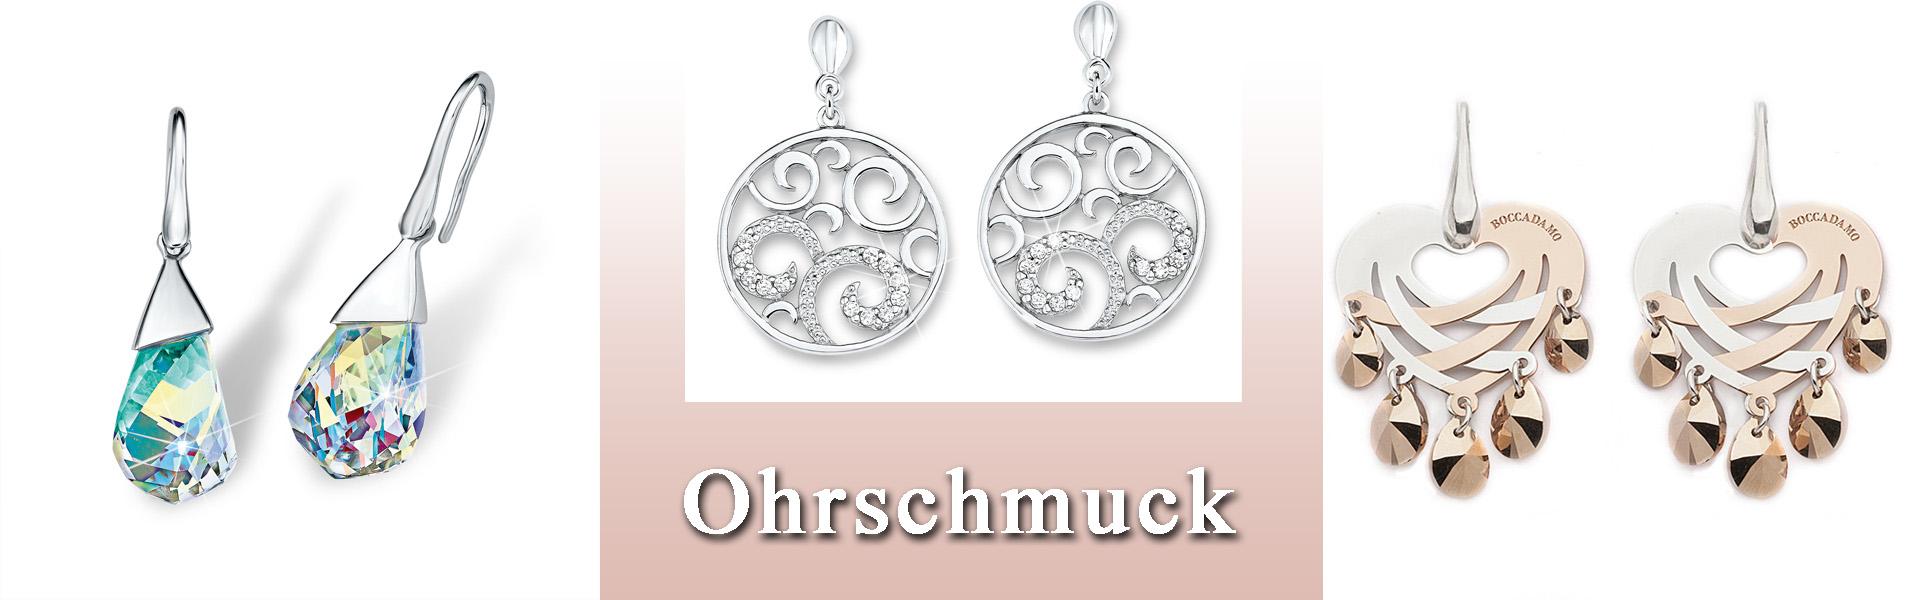 Ohrschmuck